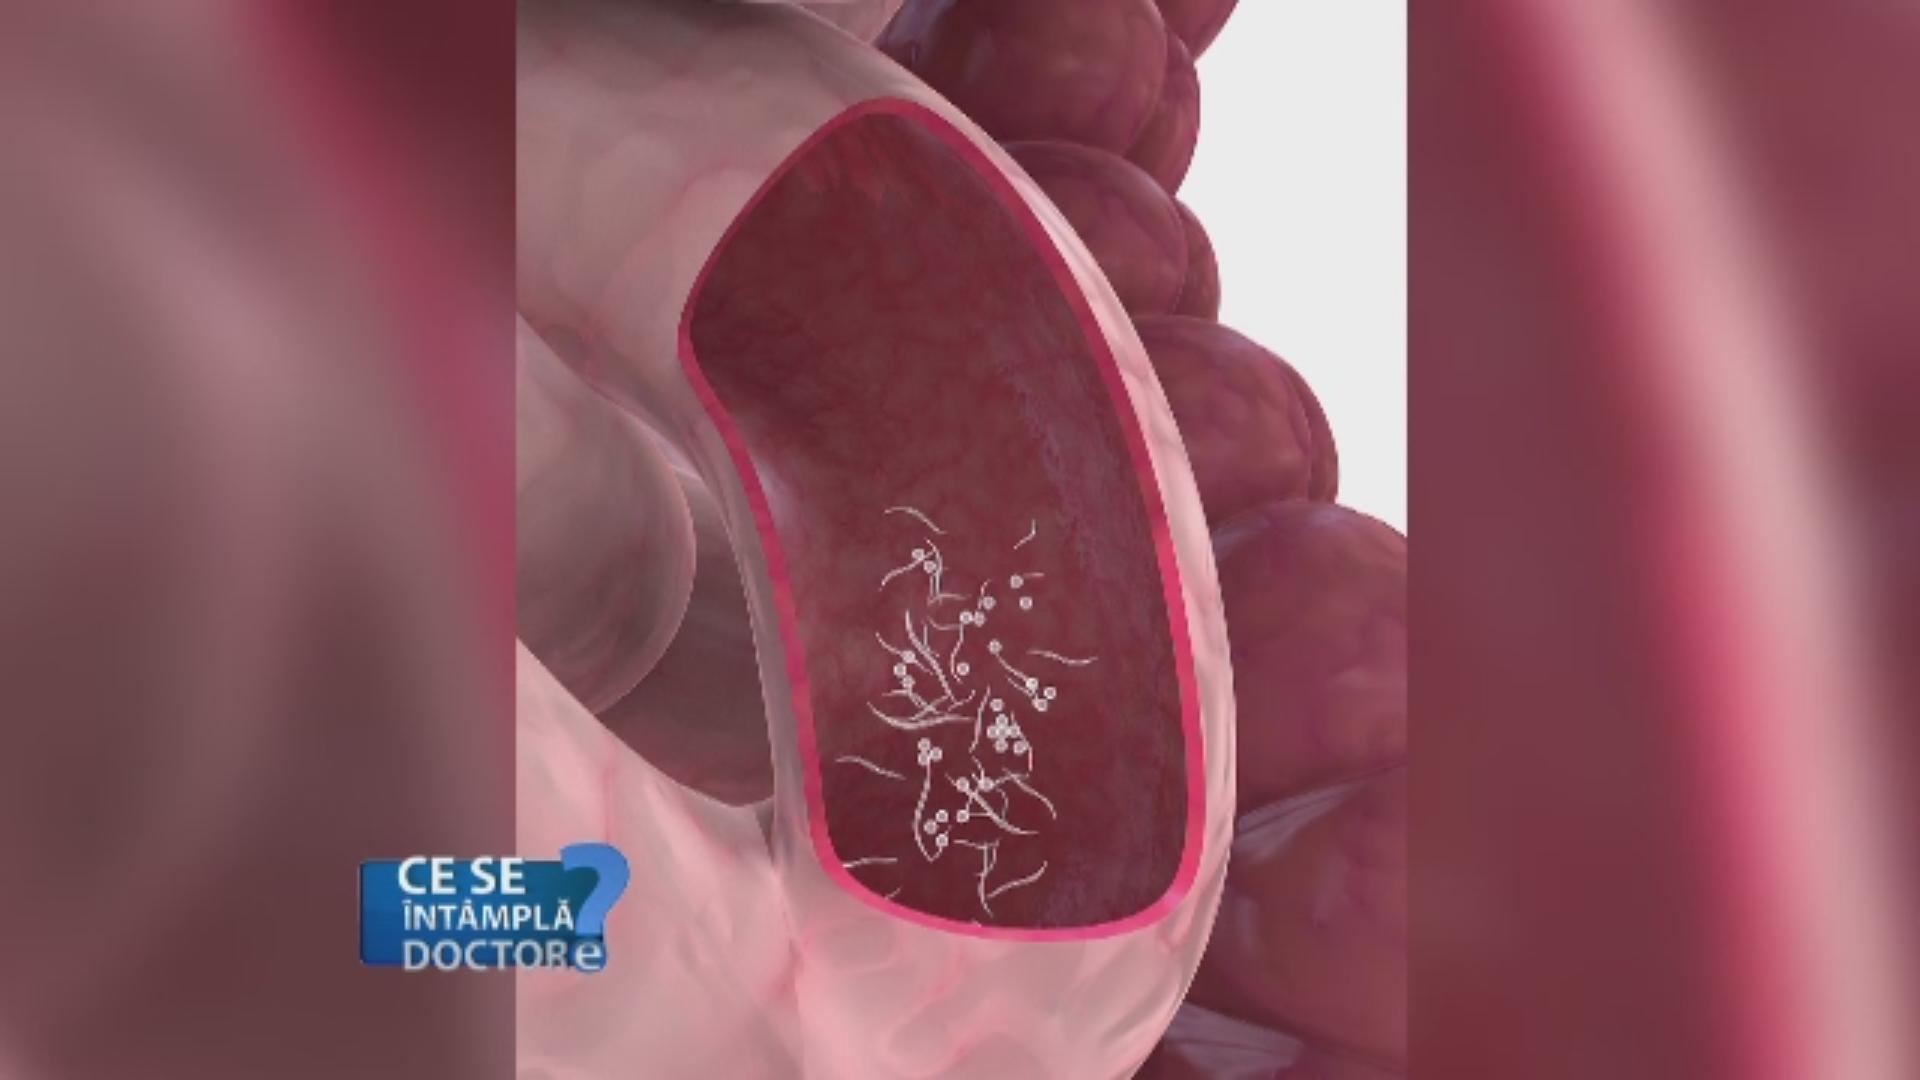 Рубрика: Buletine sanitare gata făcute pe tema prevenirii opistorhiasisului cu imagini